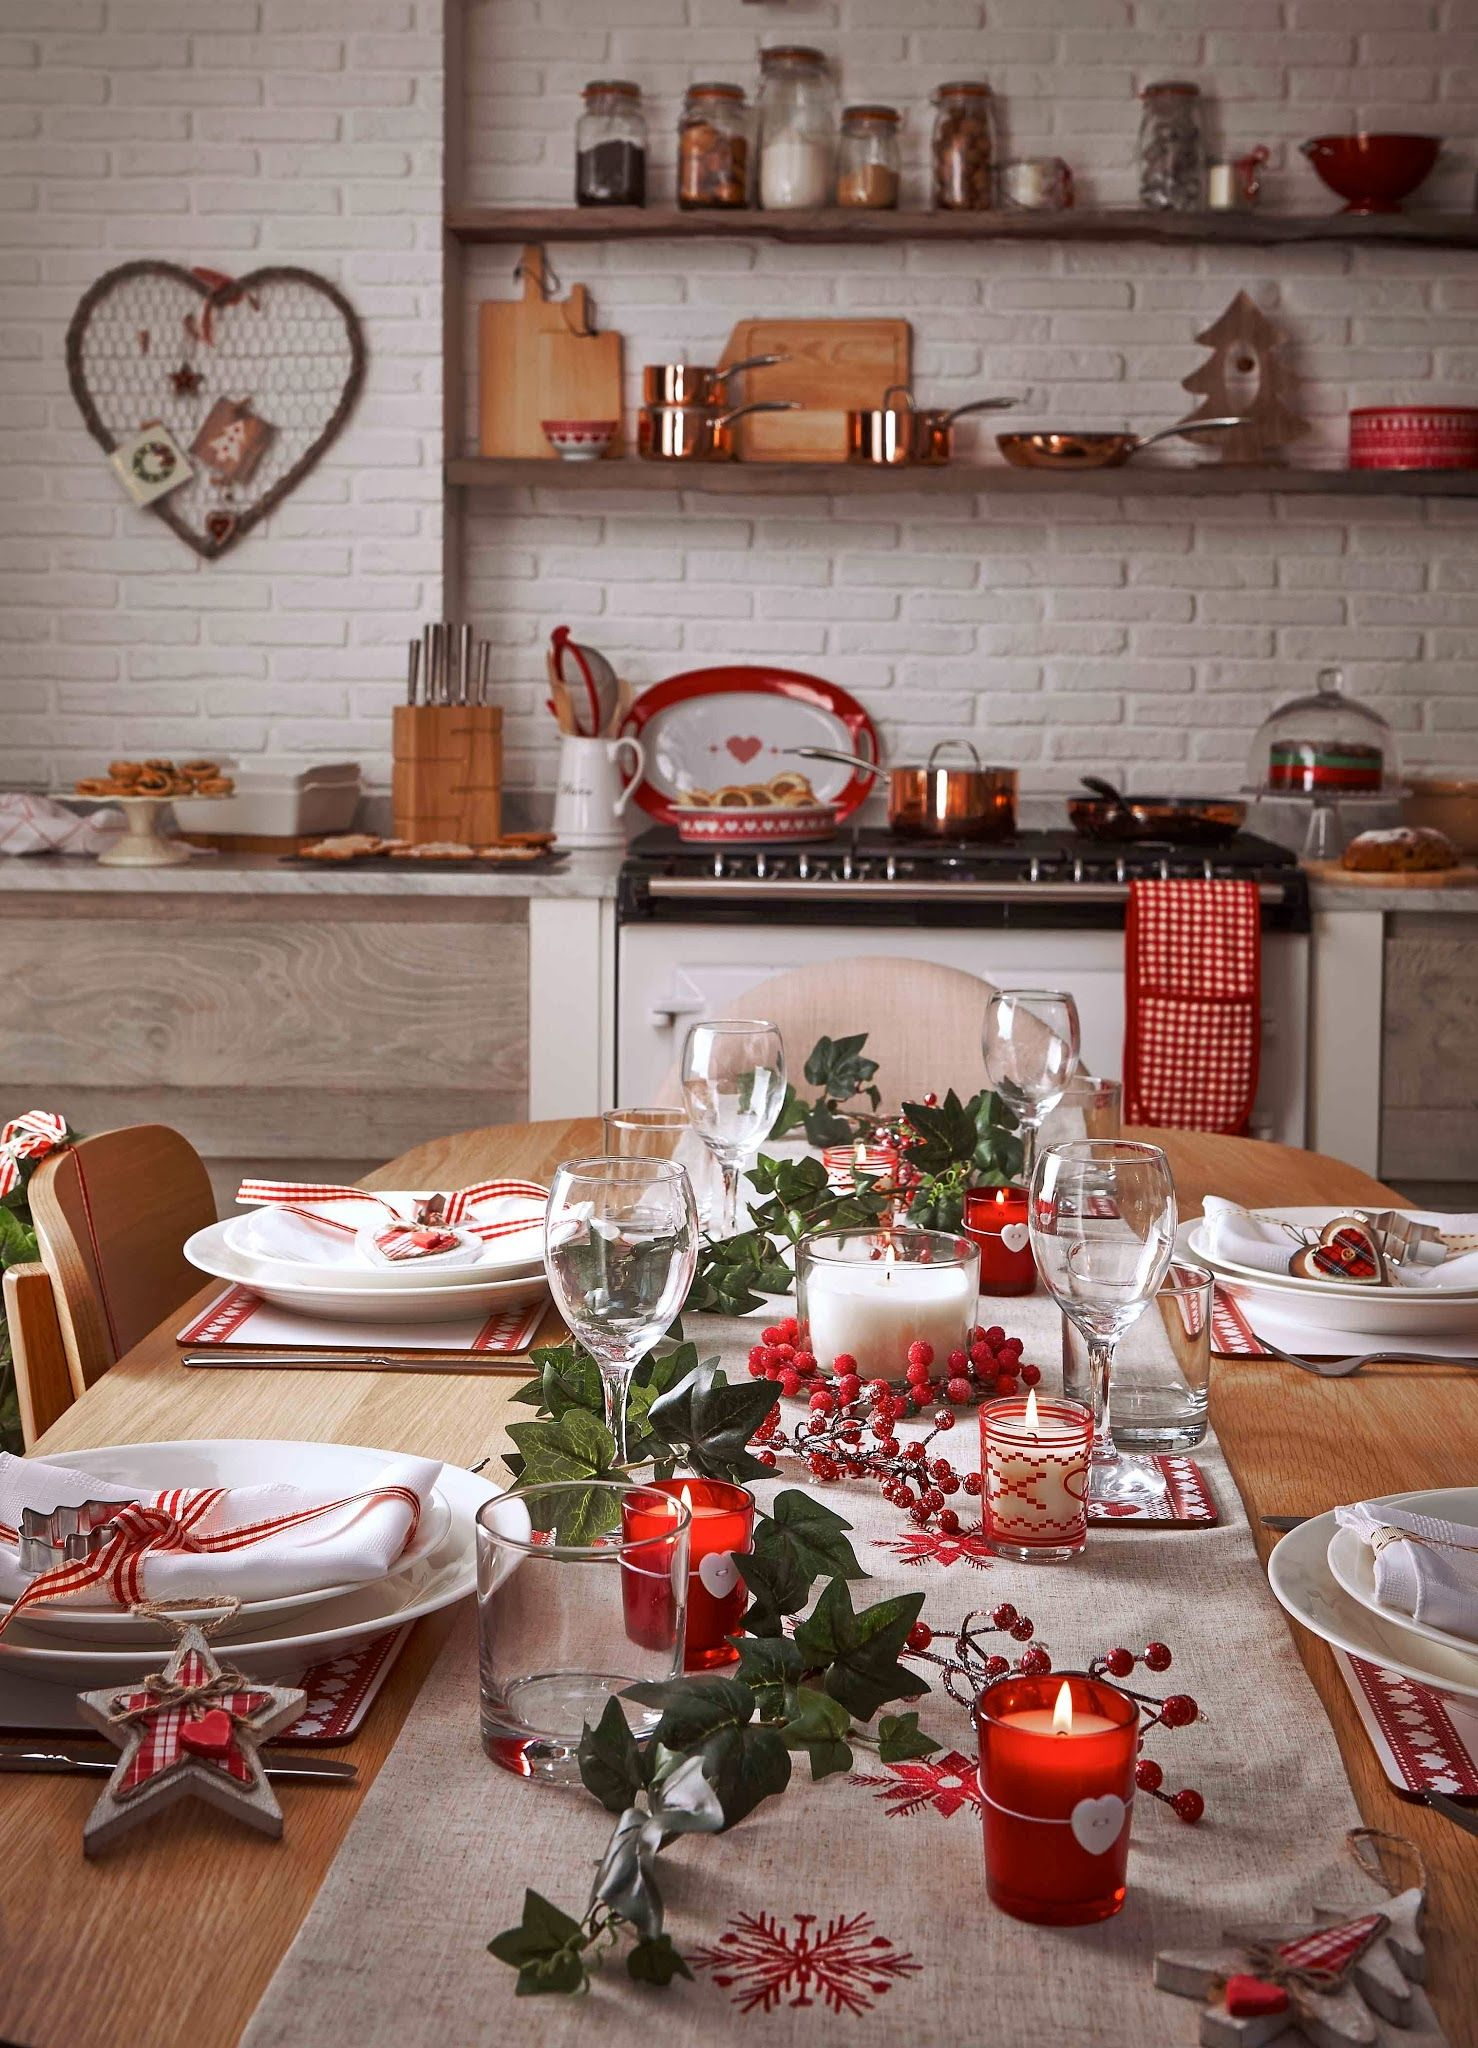 Gemütliche Weihnachten Mit Der Richtigen Tisch Deko.